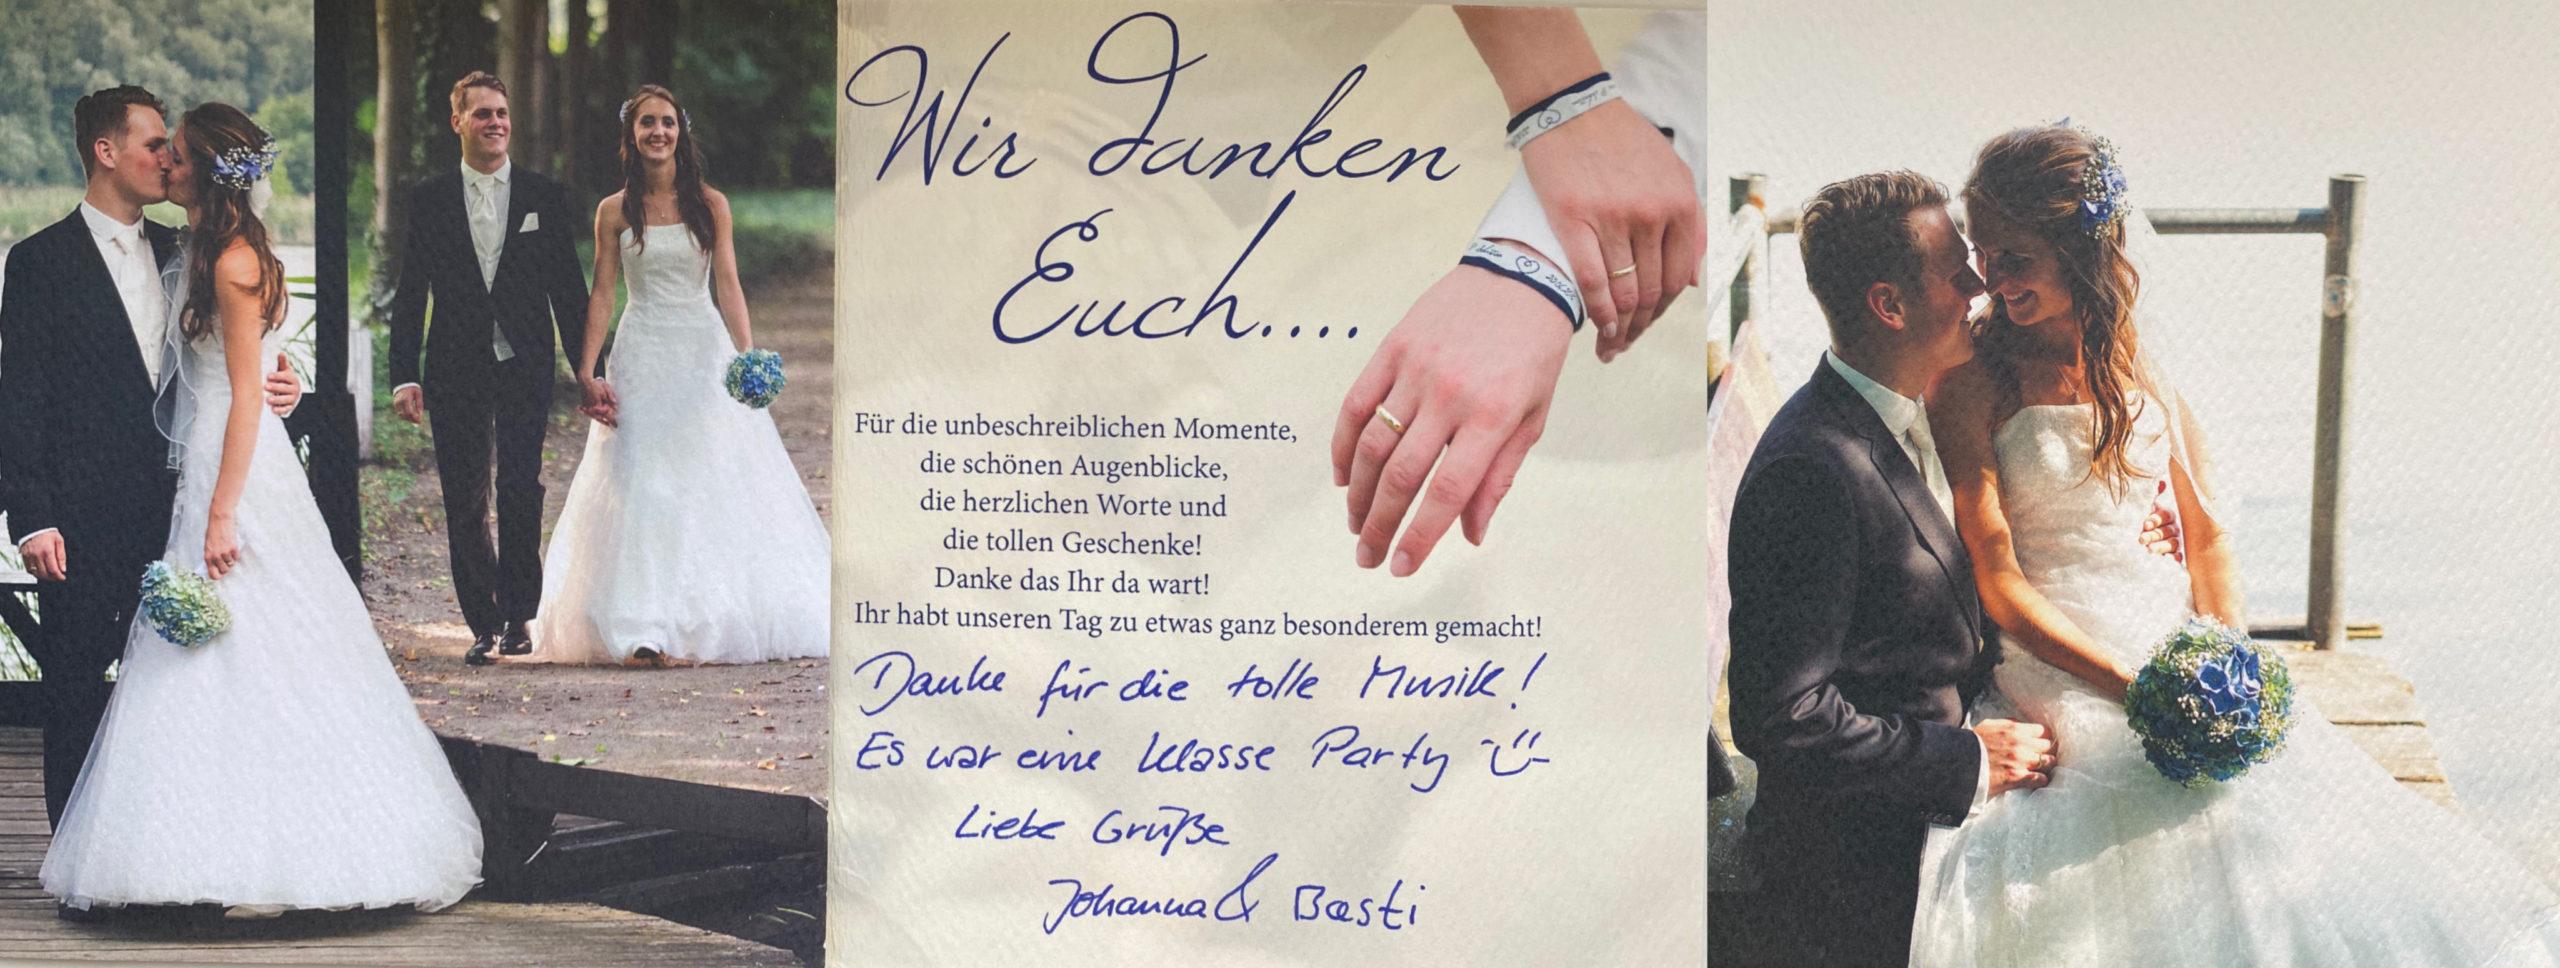 Hochzeit DJ Berlin Referenz Dankesschreiben